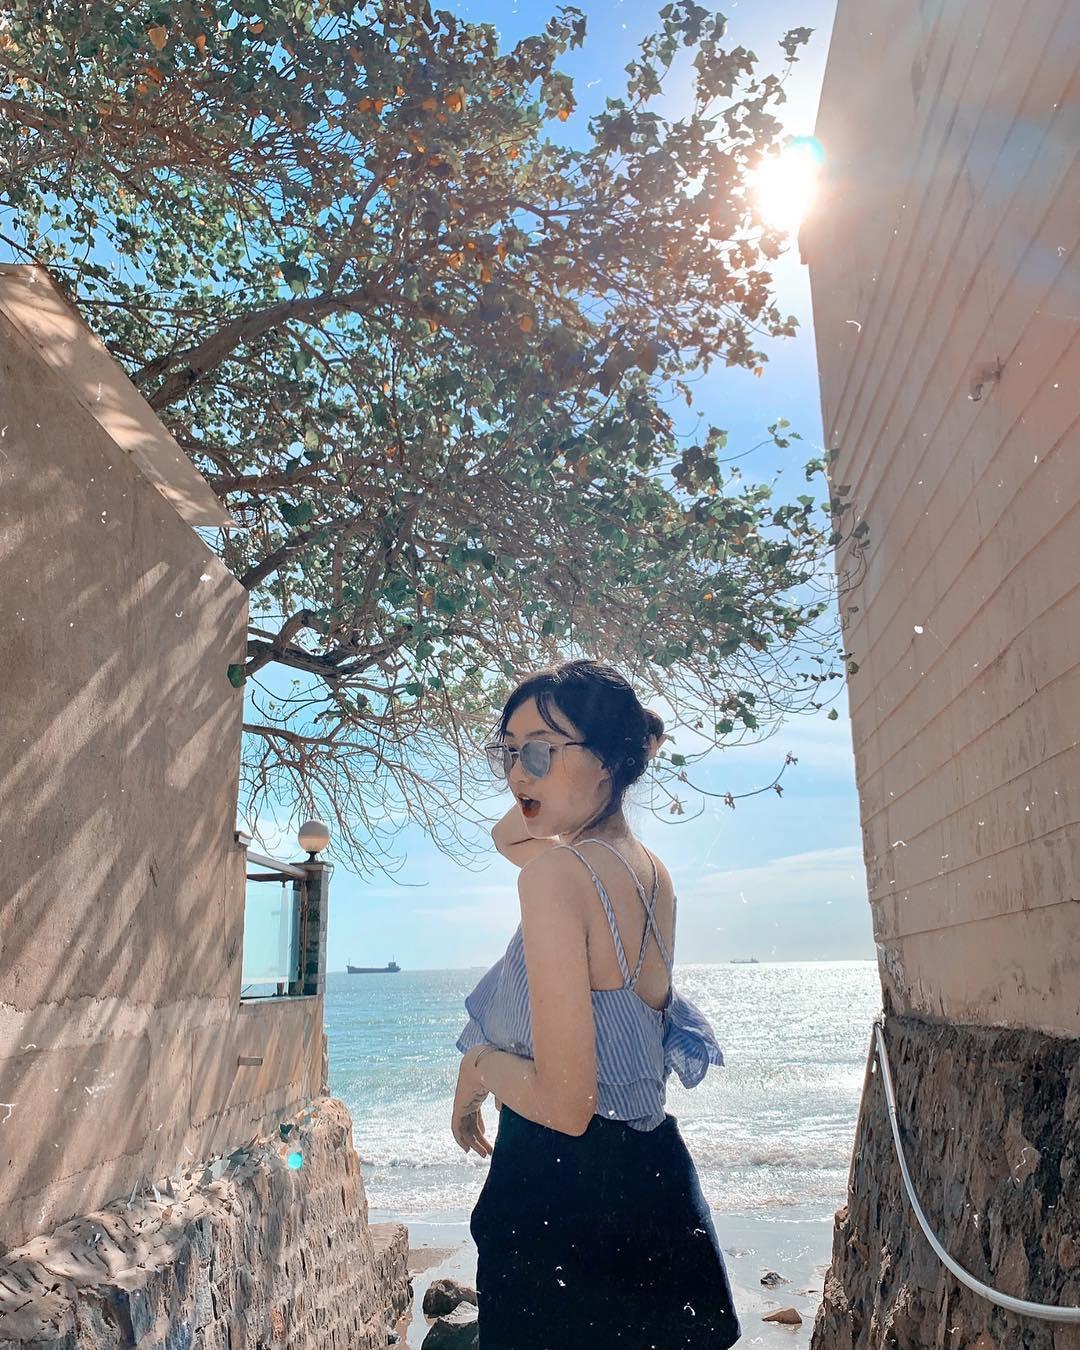 Con hẻm sống ảo tại Vũng Tàu đang là địa điểm được giới trẻ check-in rần rần trên Instagram - Ảnh 2.